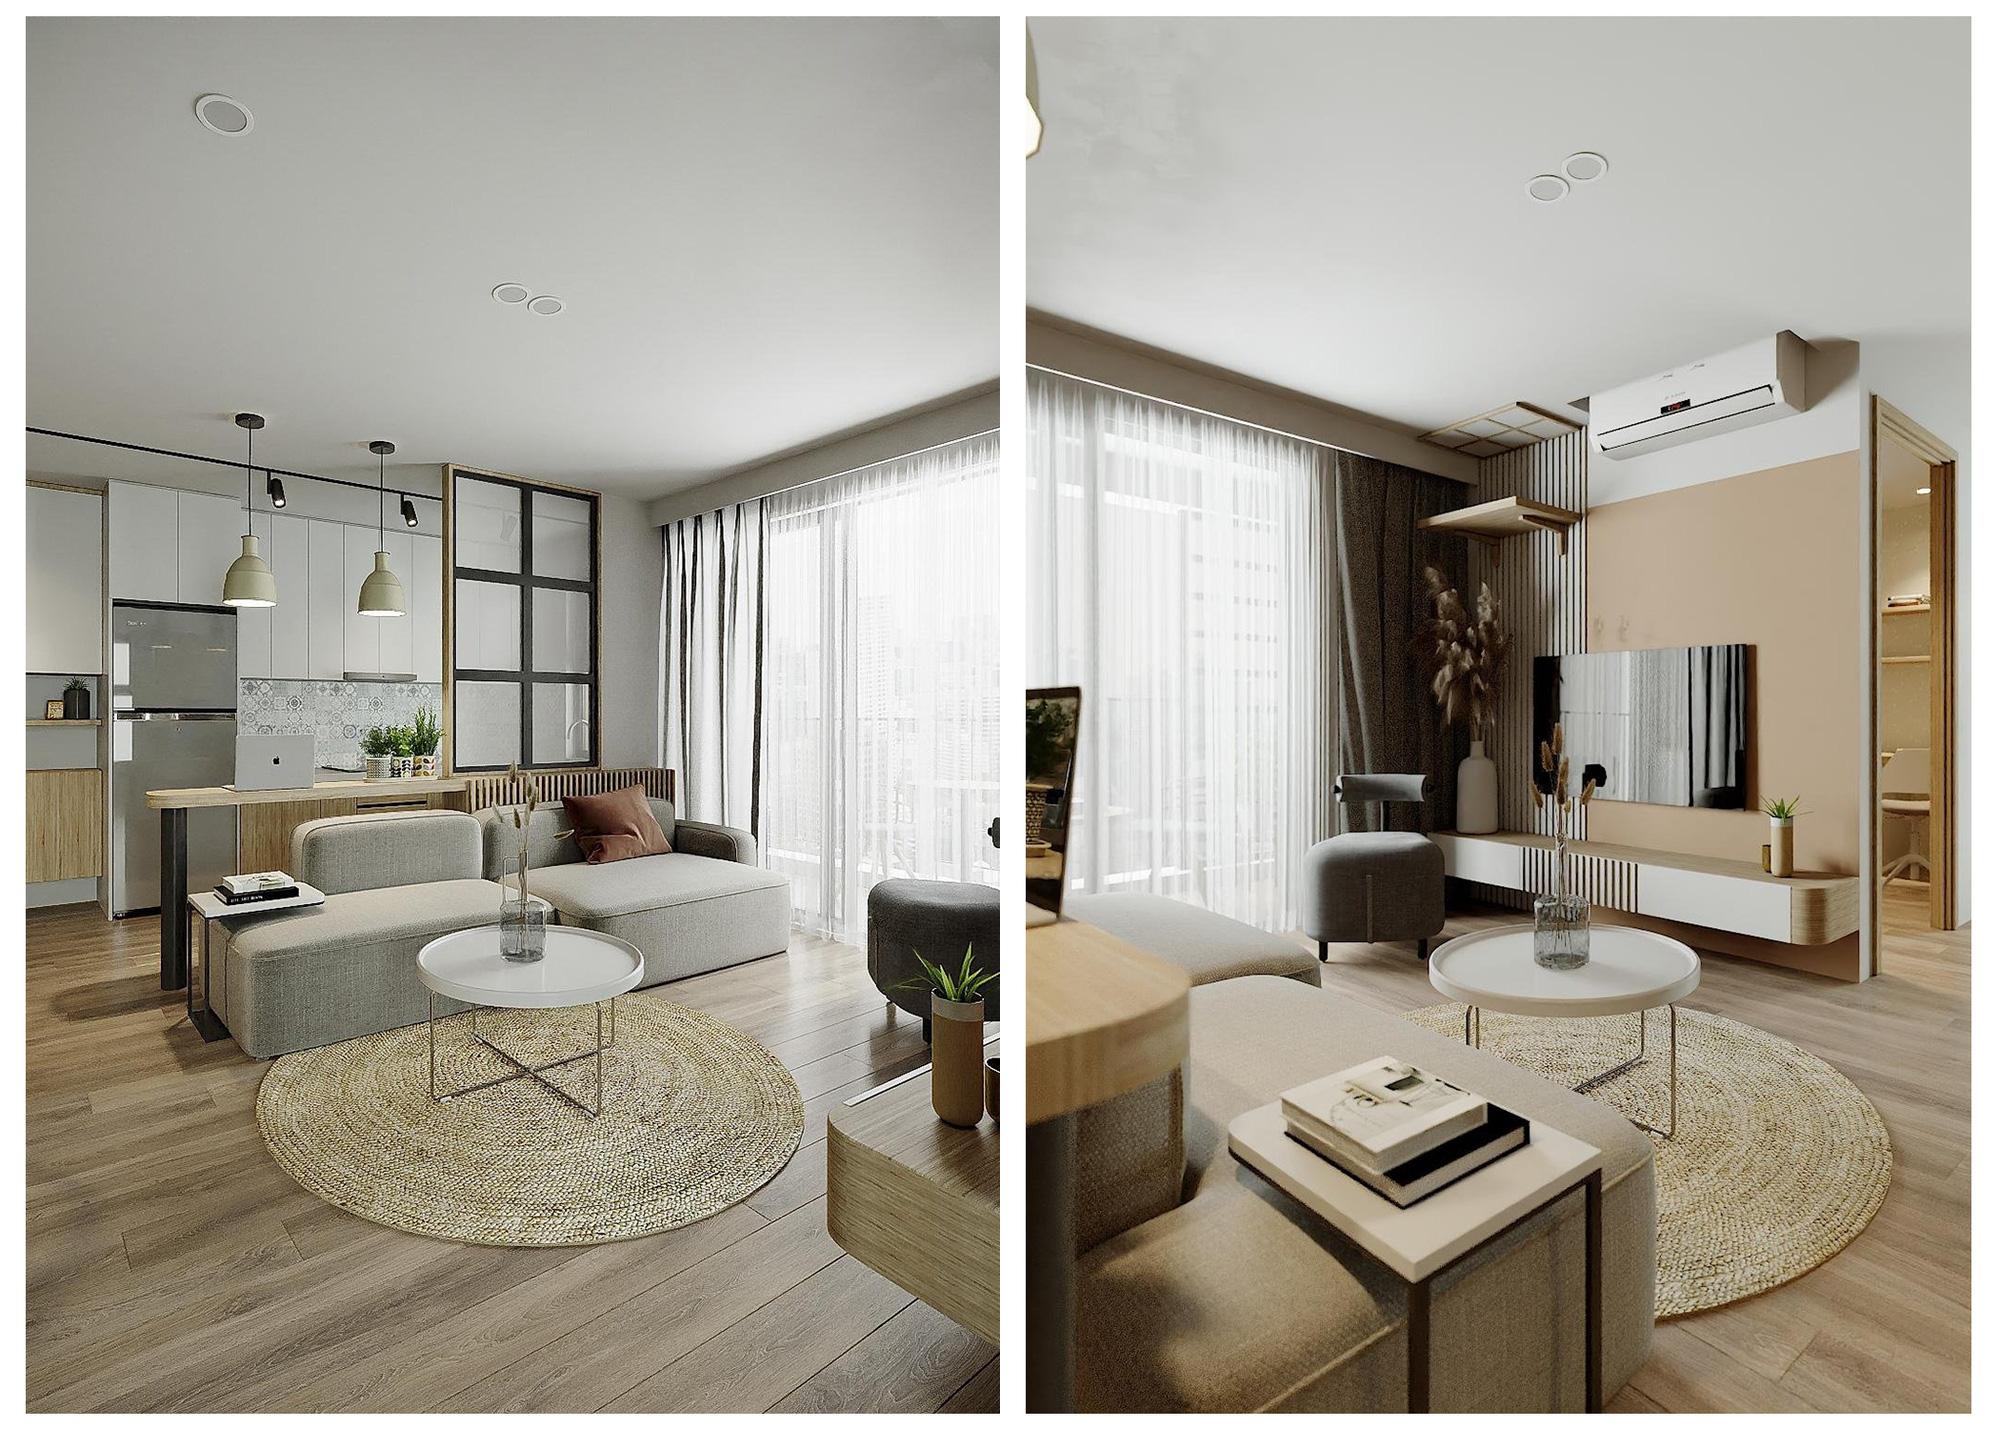 Những ý tưởng độc đáo cho thiết kế nội thất căn hộ chung cư hiện đại đẹp nhất - Ảnh 1.